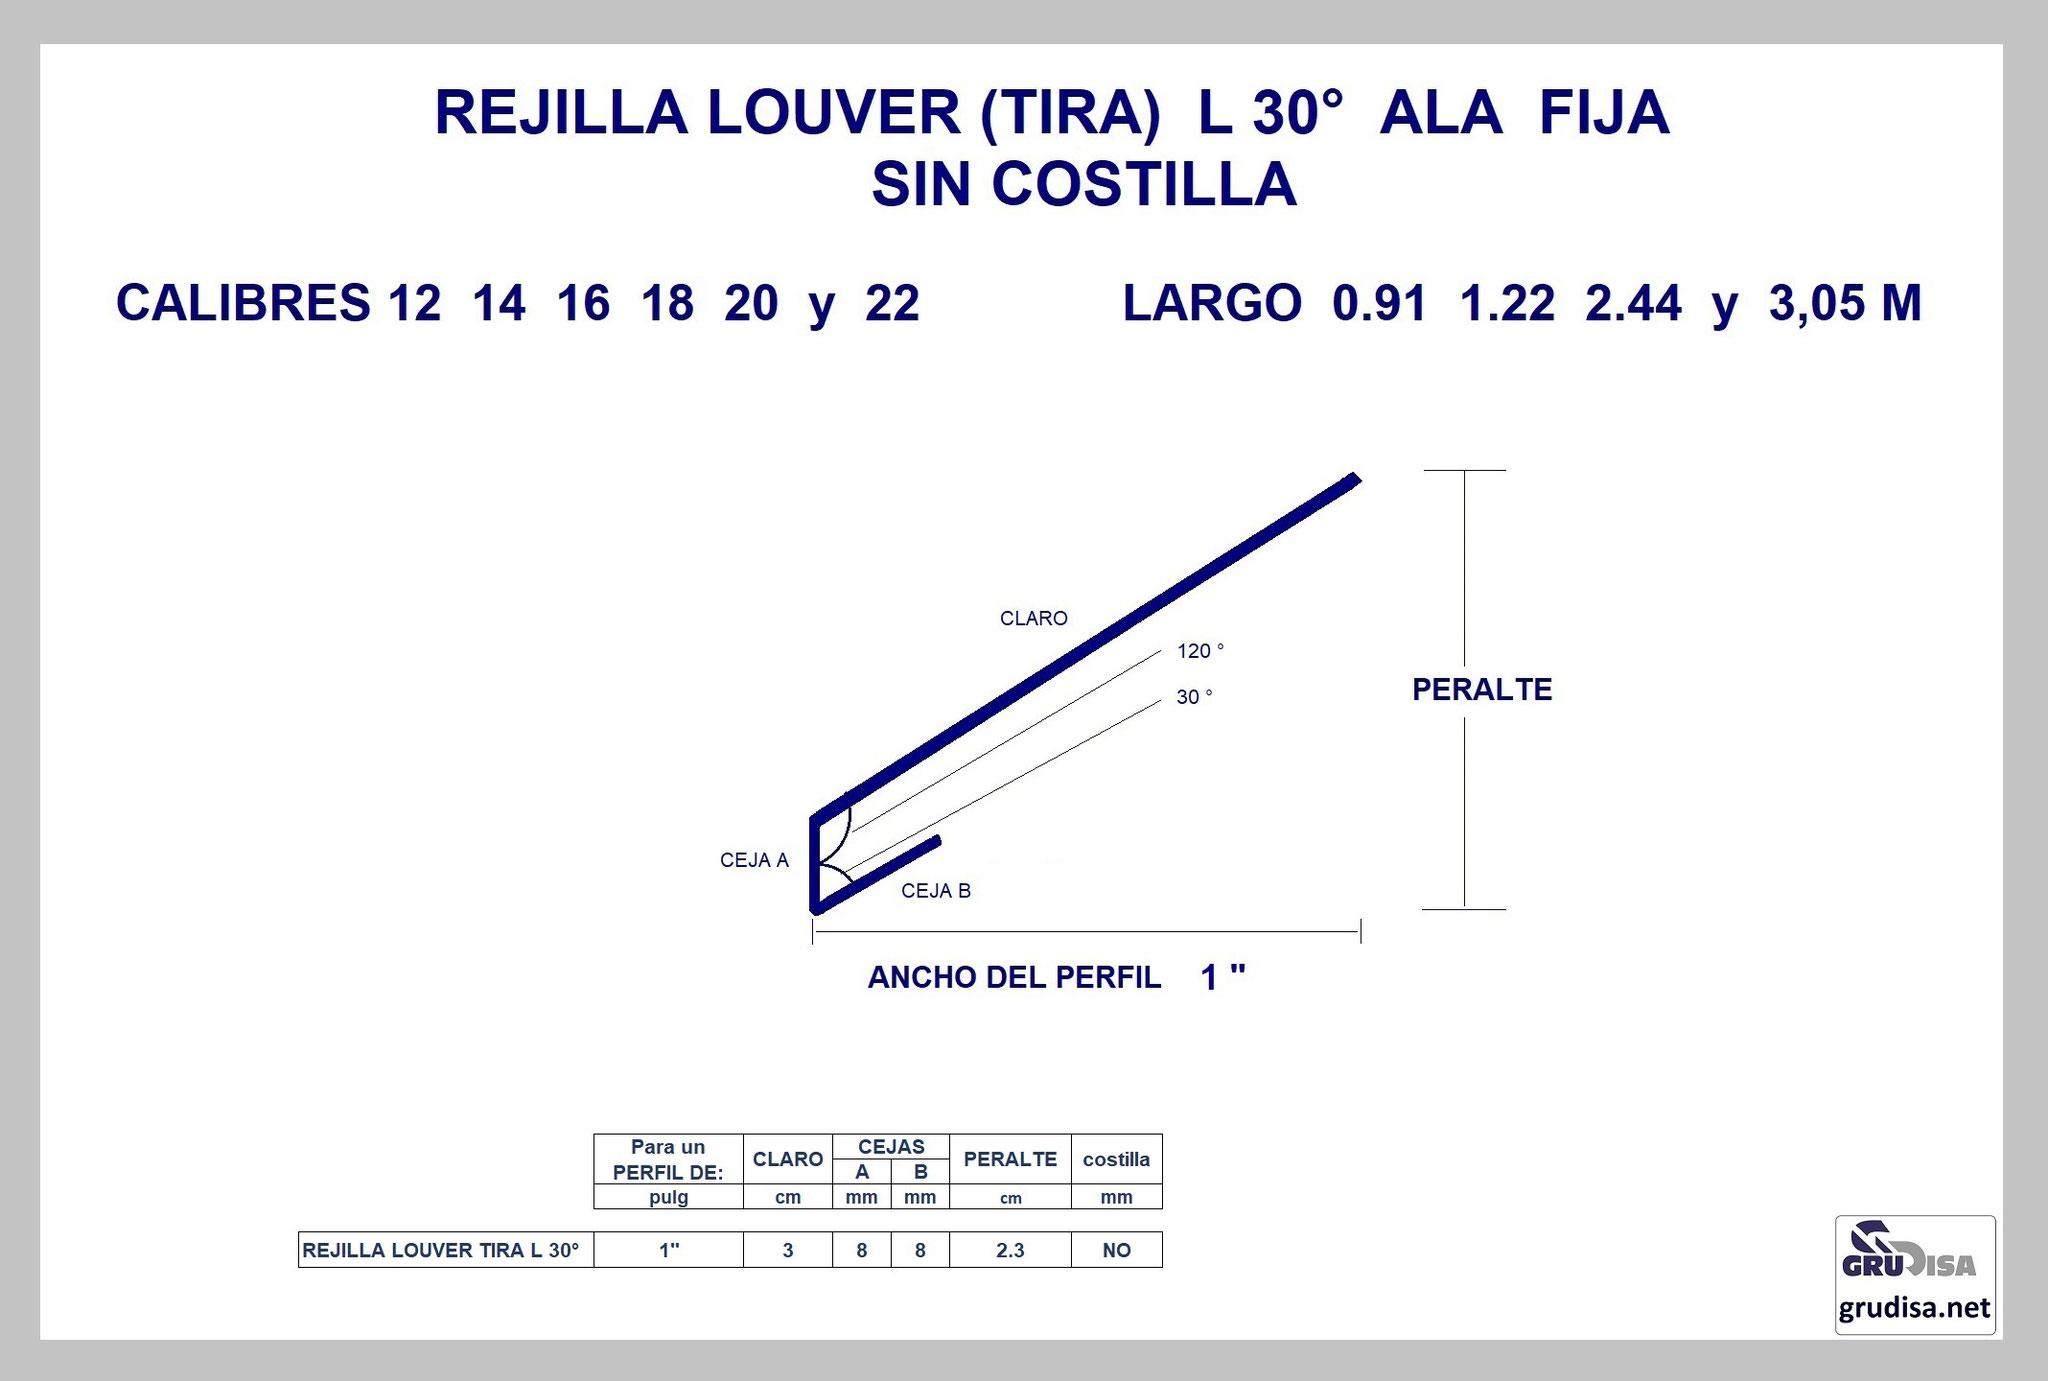 """REJILLA LOUVER (TIRA) L 30° Para PERFIL de 1"""" SIN COSTILLA"""